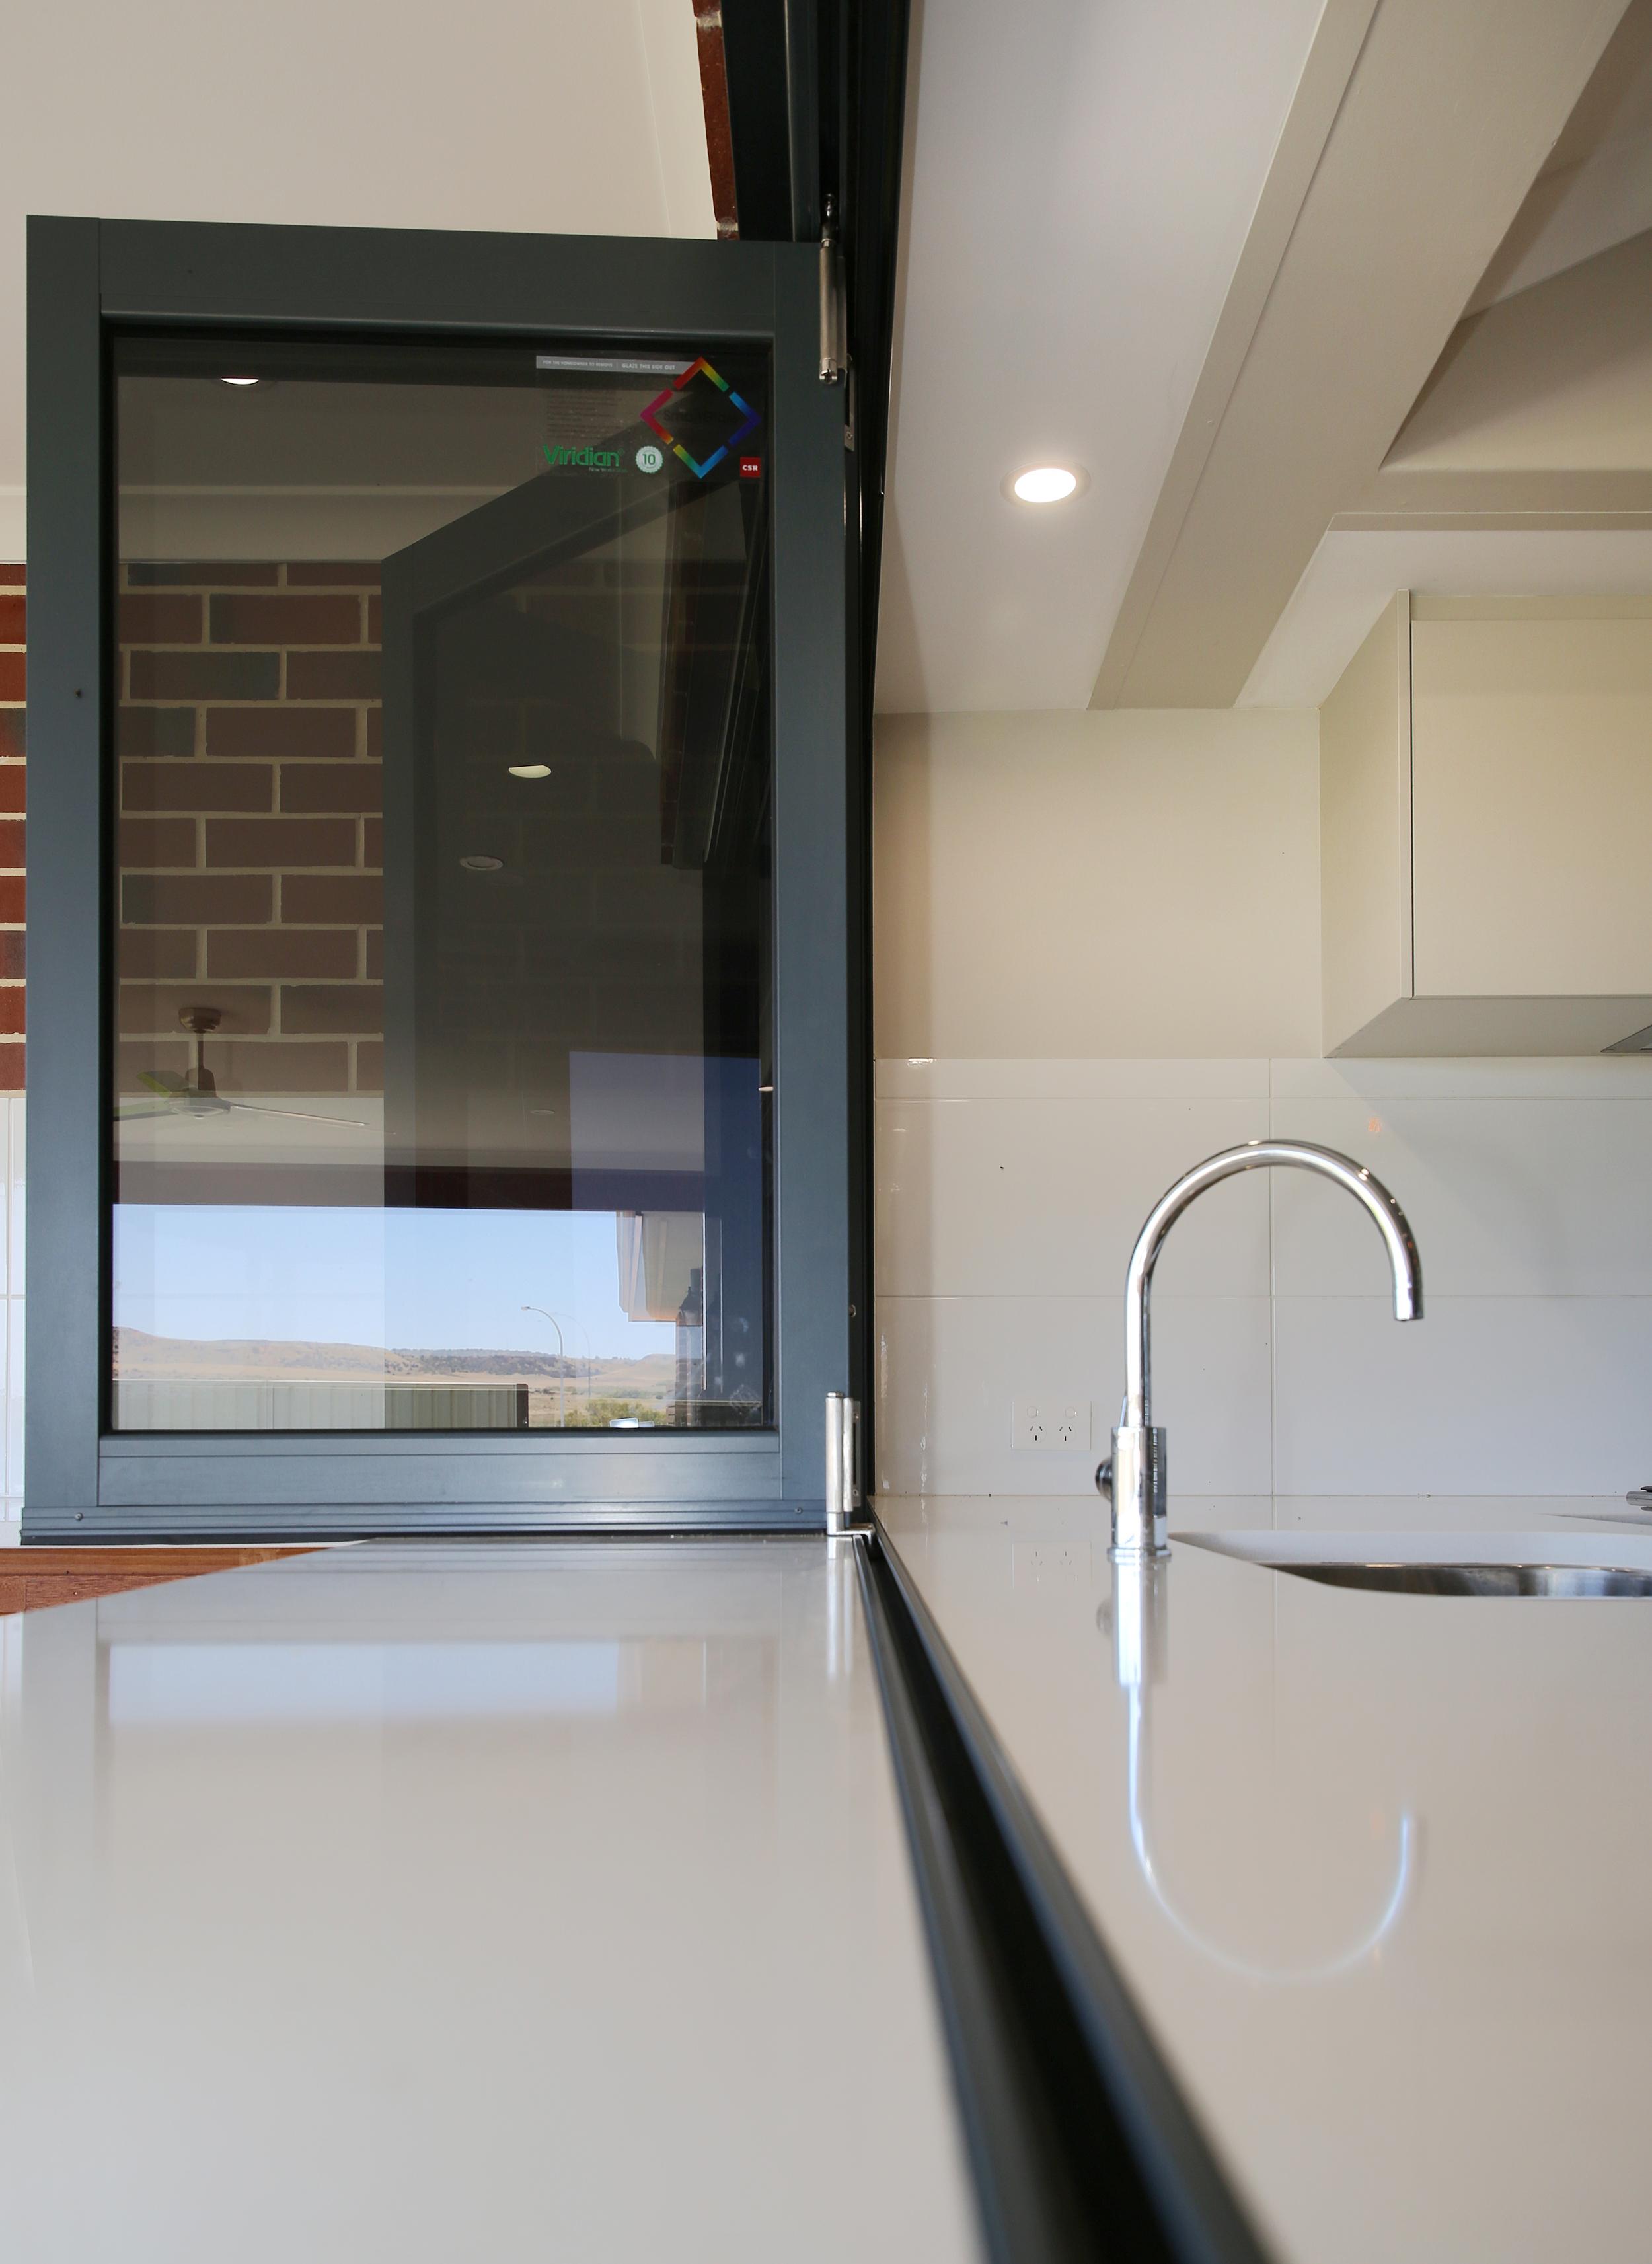 Alfresco Windows and Doors